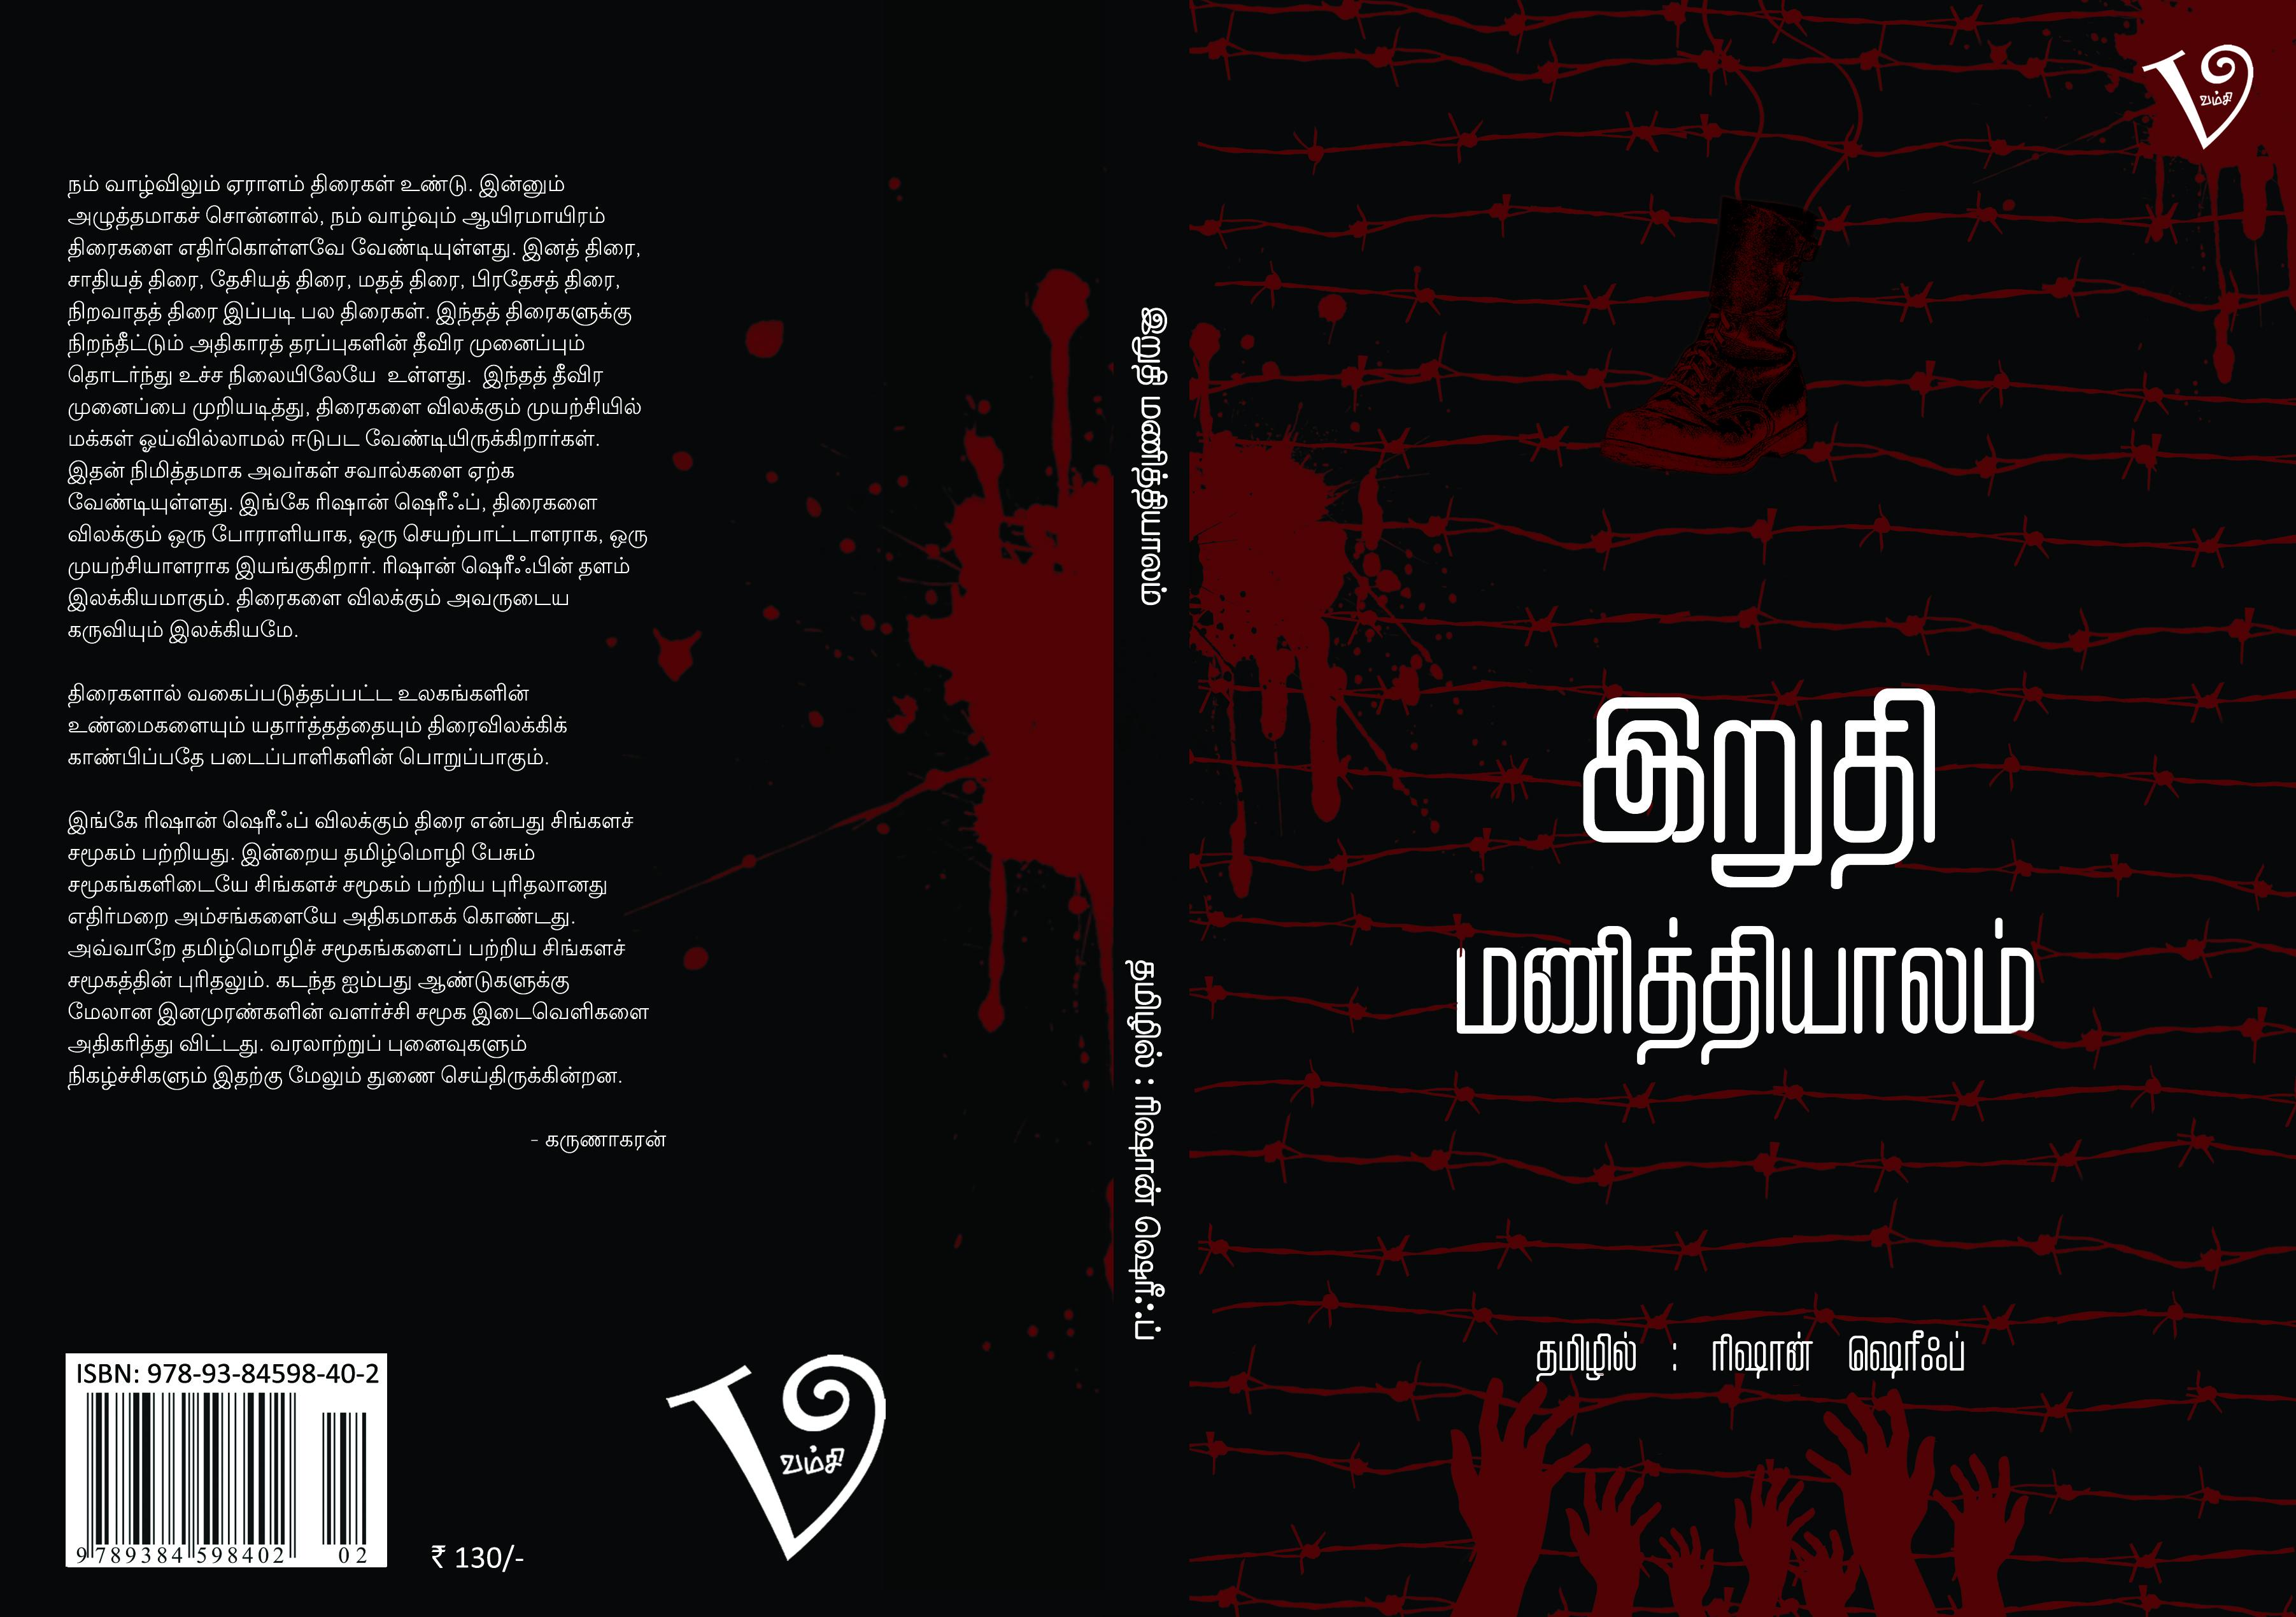 irudhi manithiyalam final copy